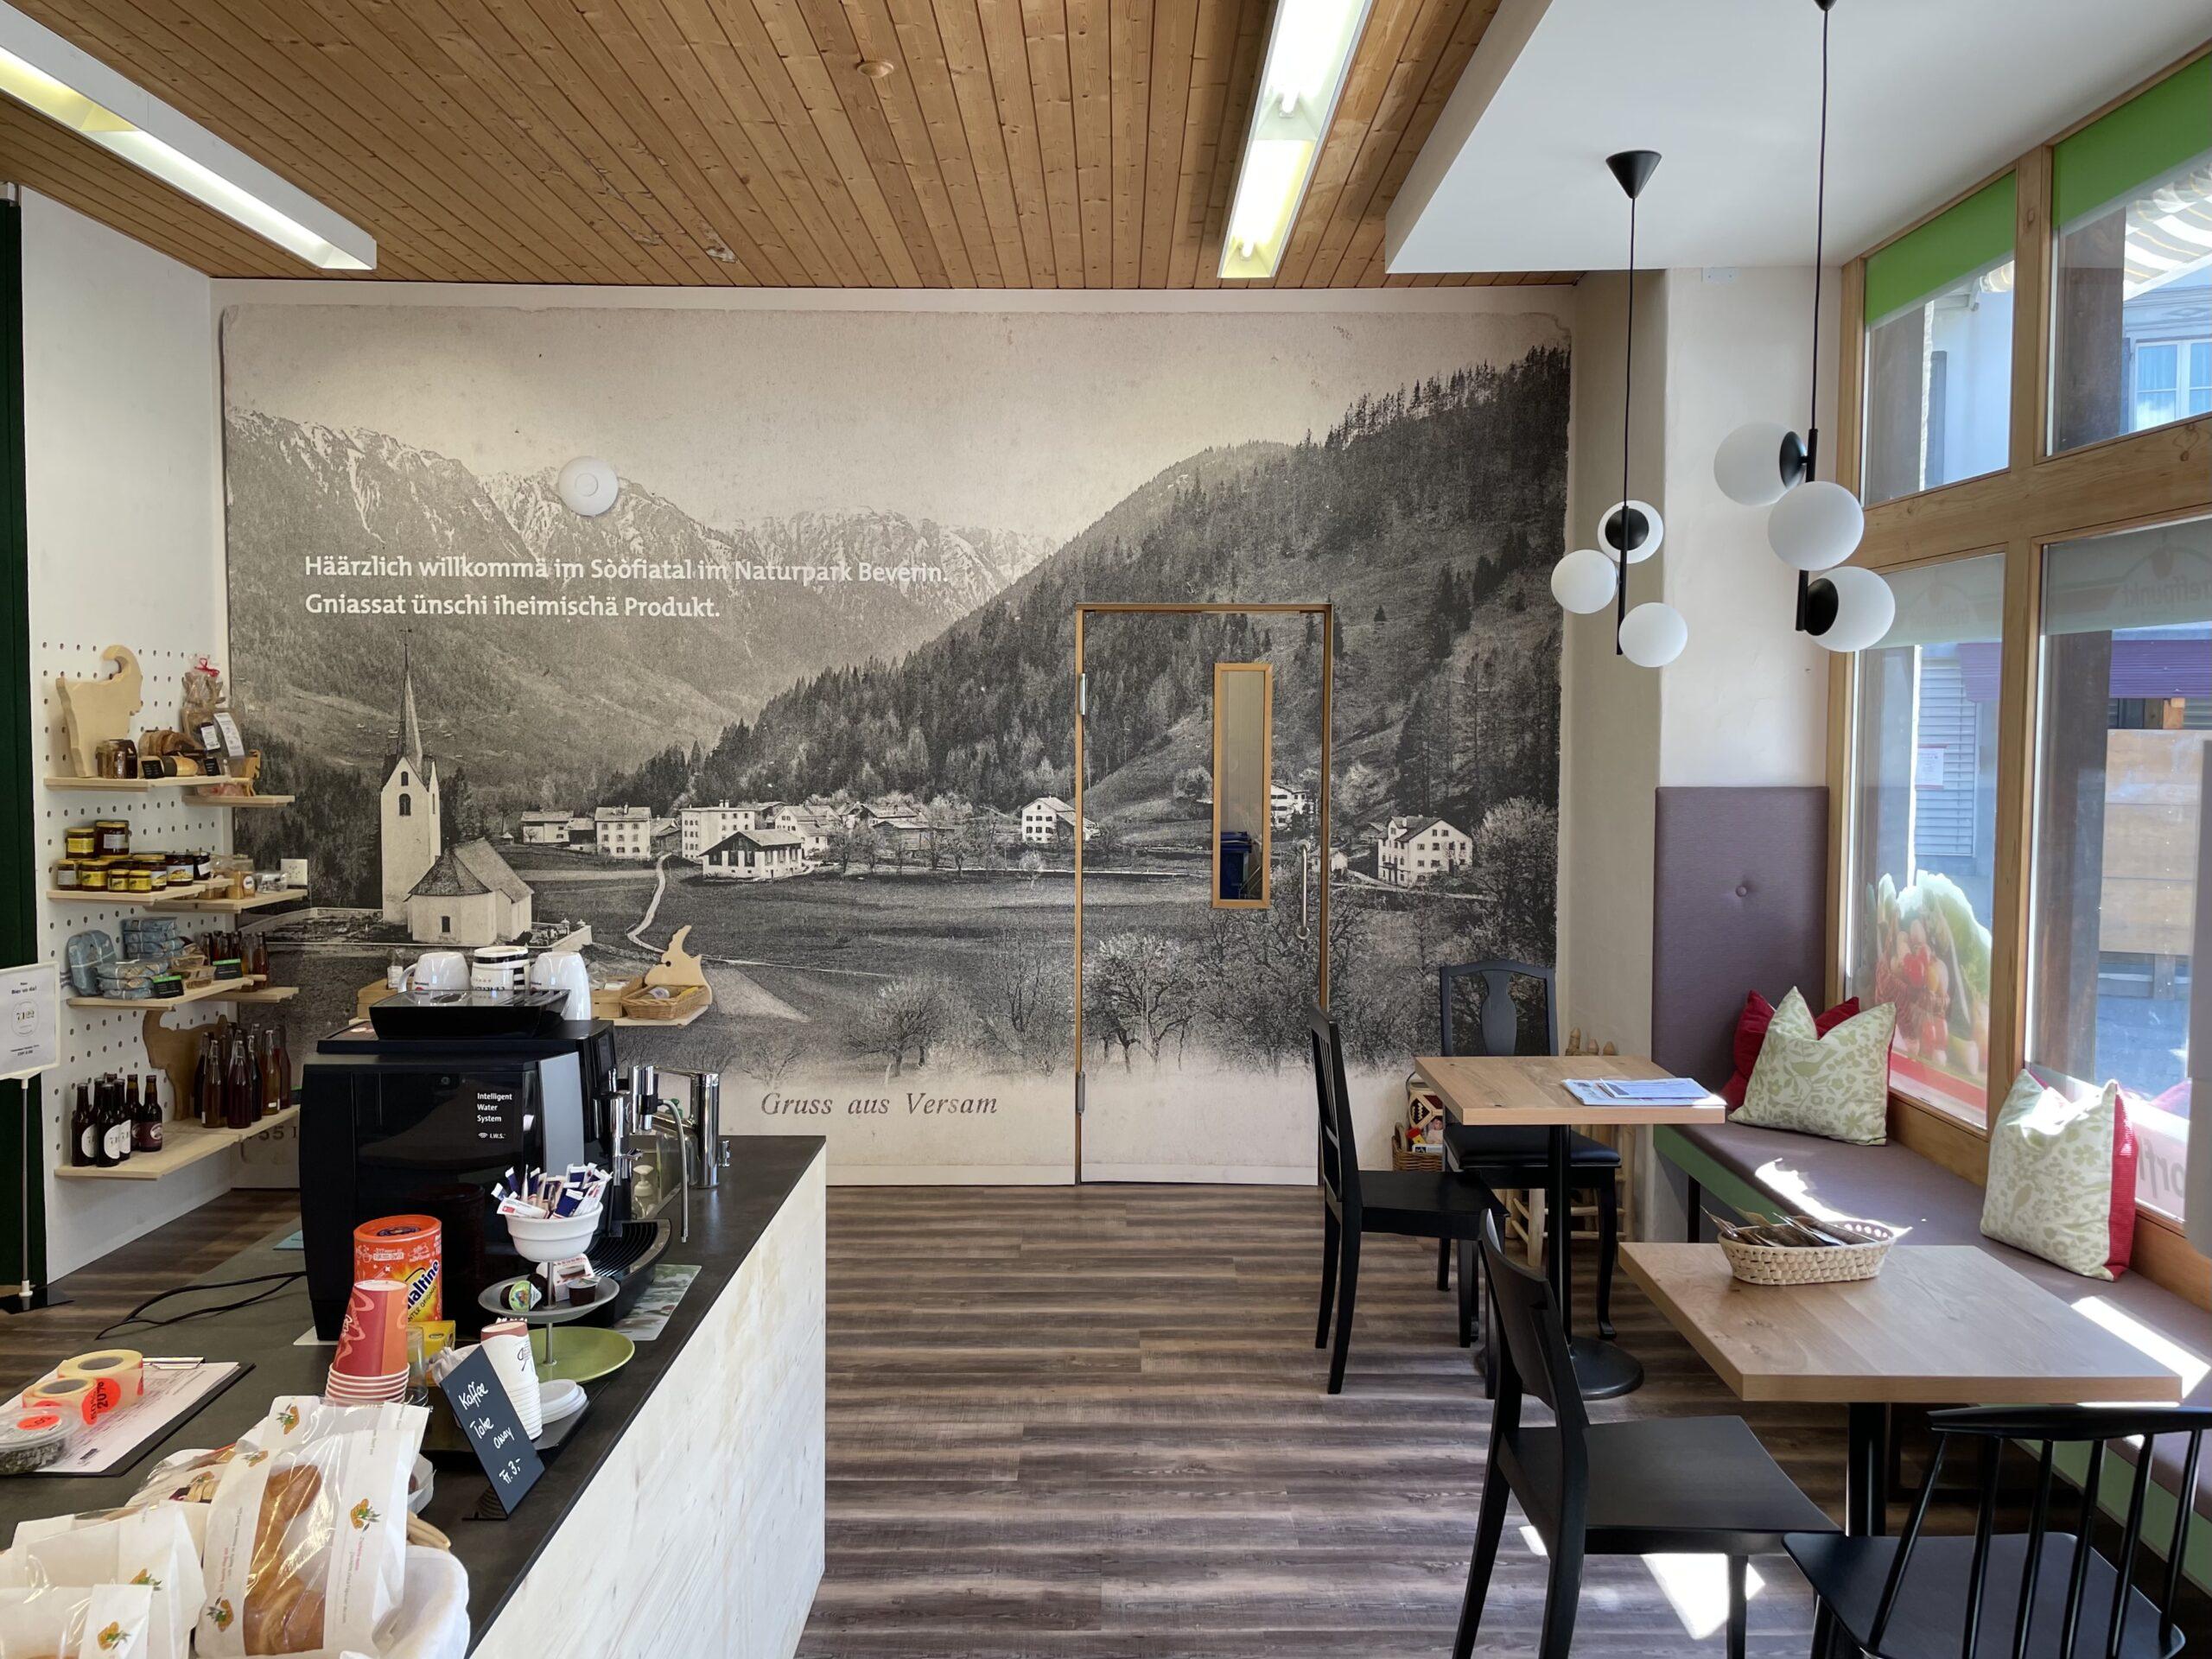 Neue Kaffee-Ecke im Dorfladen Versam eröffnet